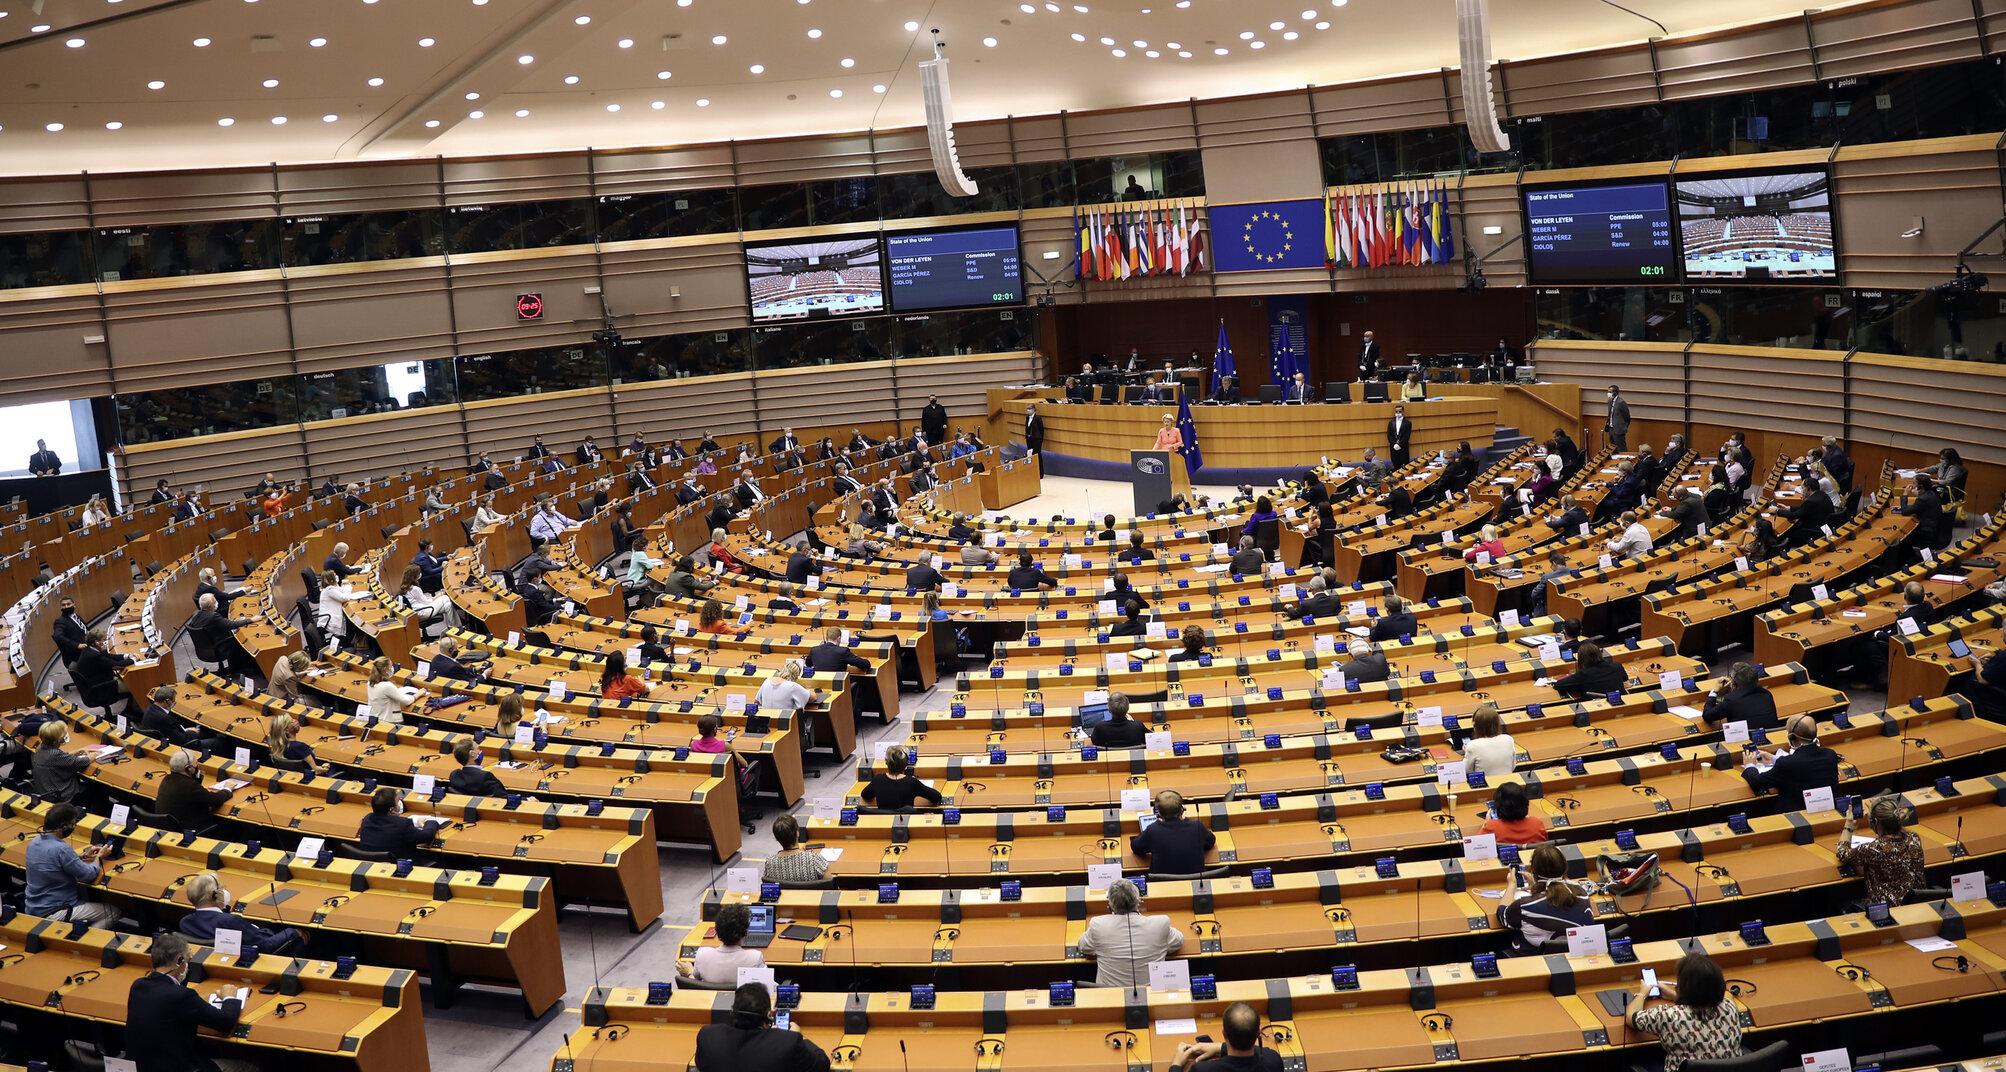 """Parlamentul European elaborează un nou ghid lingvistic. Cuvintele """"mamă"""" și """"tată"""" nu mai pot fi folosite, dăunează """"limbajului incluziv"""""""